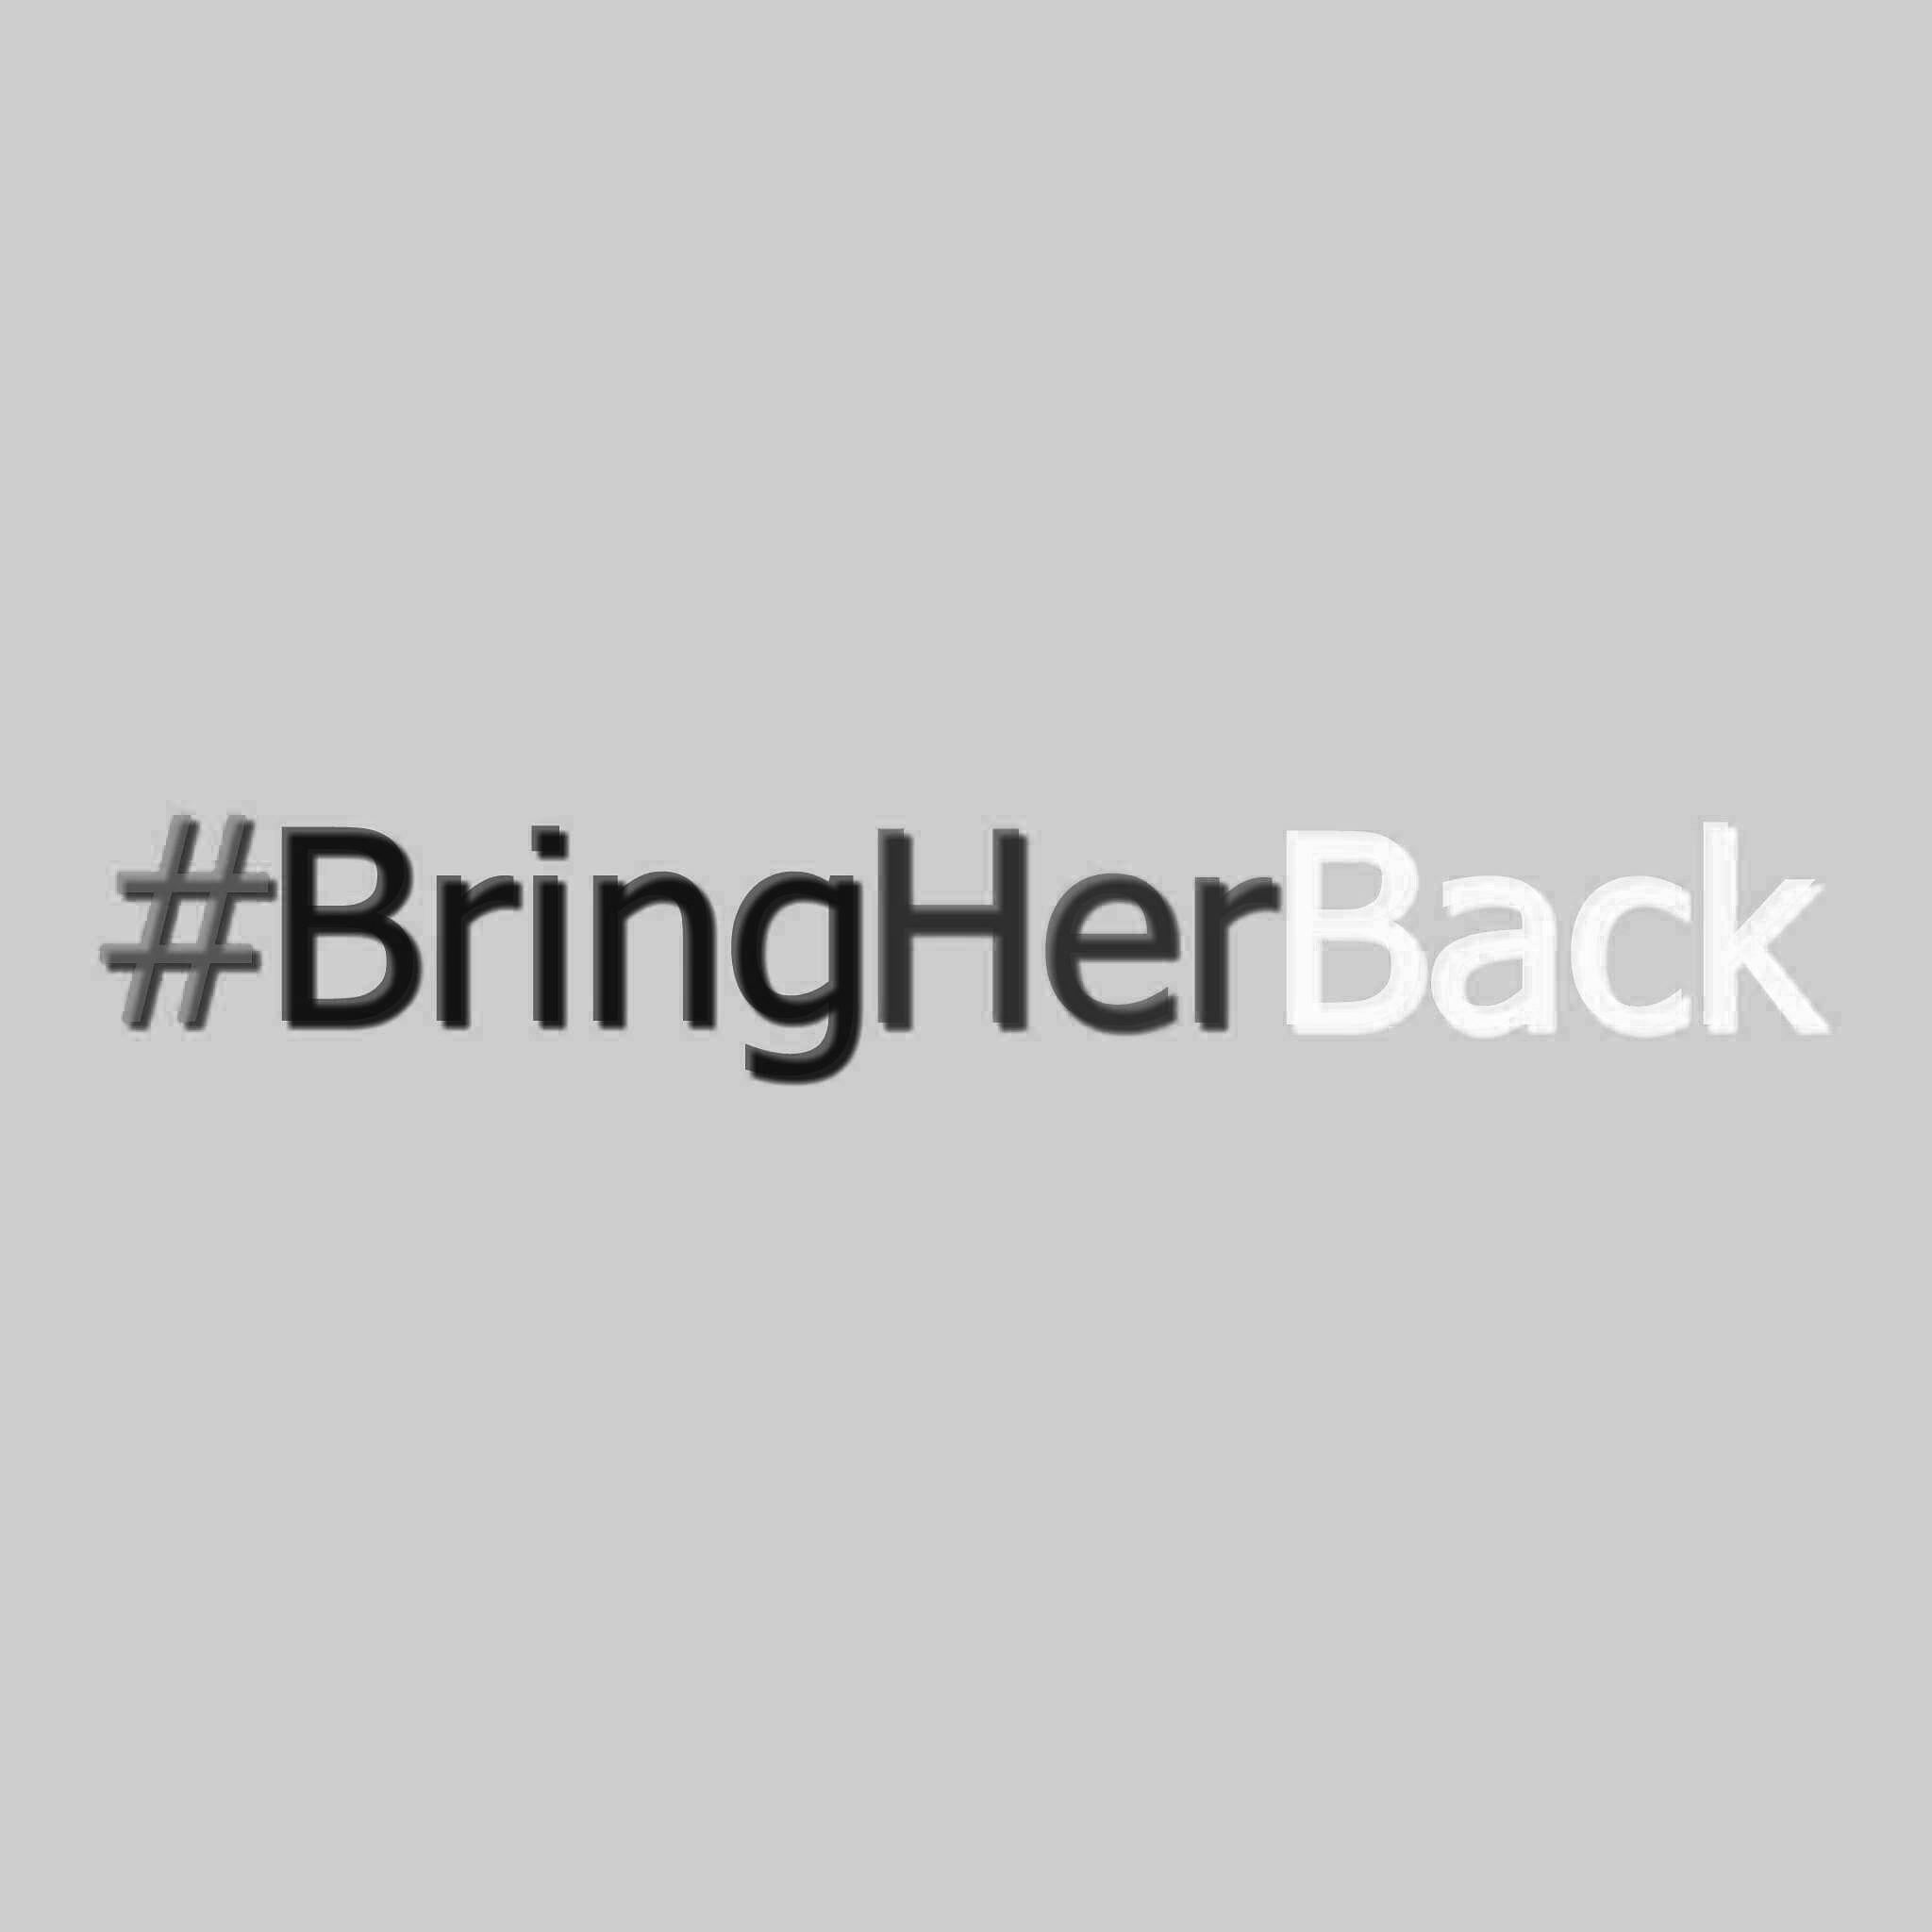 BringHerBack.jpg